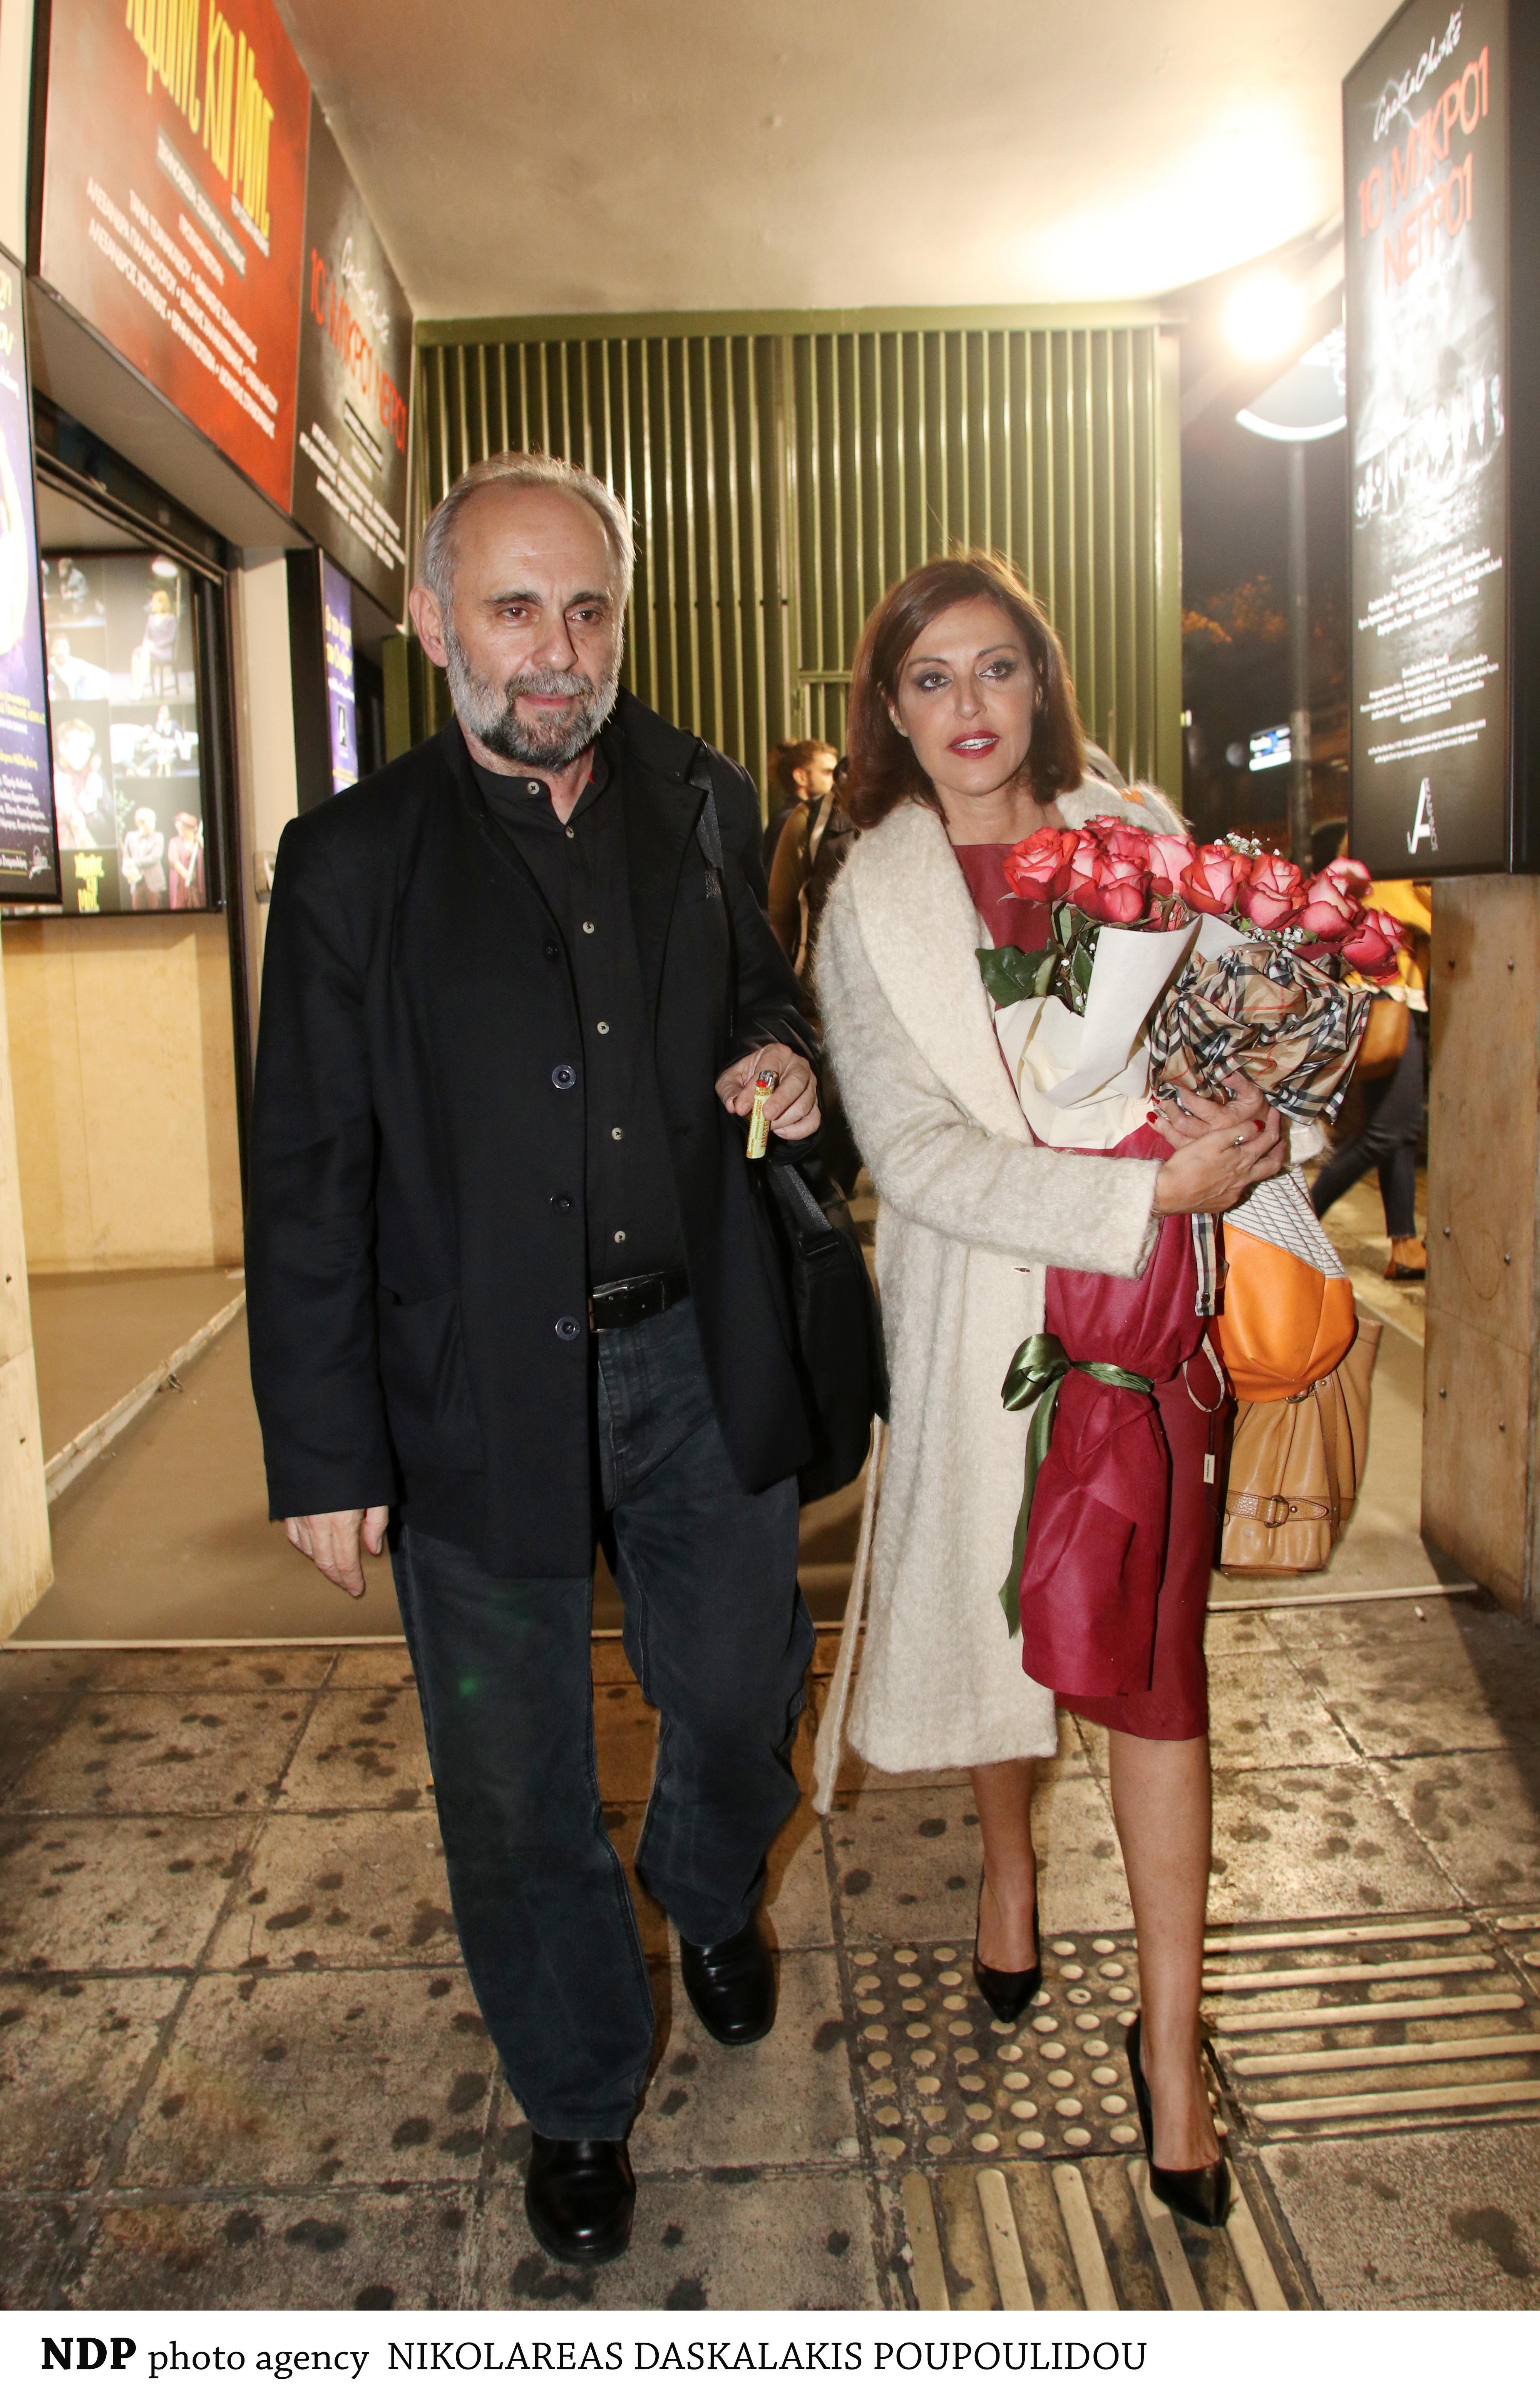 Σωτήρης Χατζάκης-Αλεξάνδρα Παλαιολόγου με λουλούδια στα χέρια